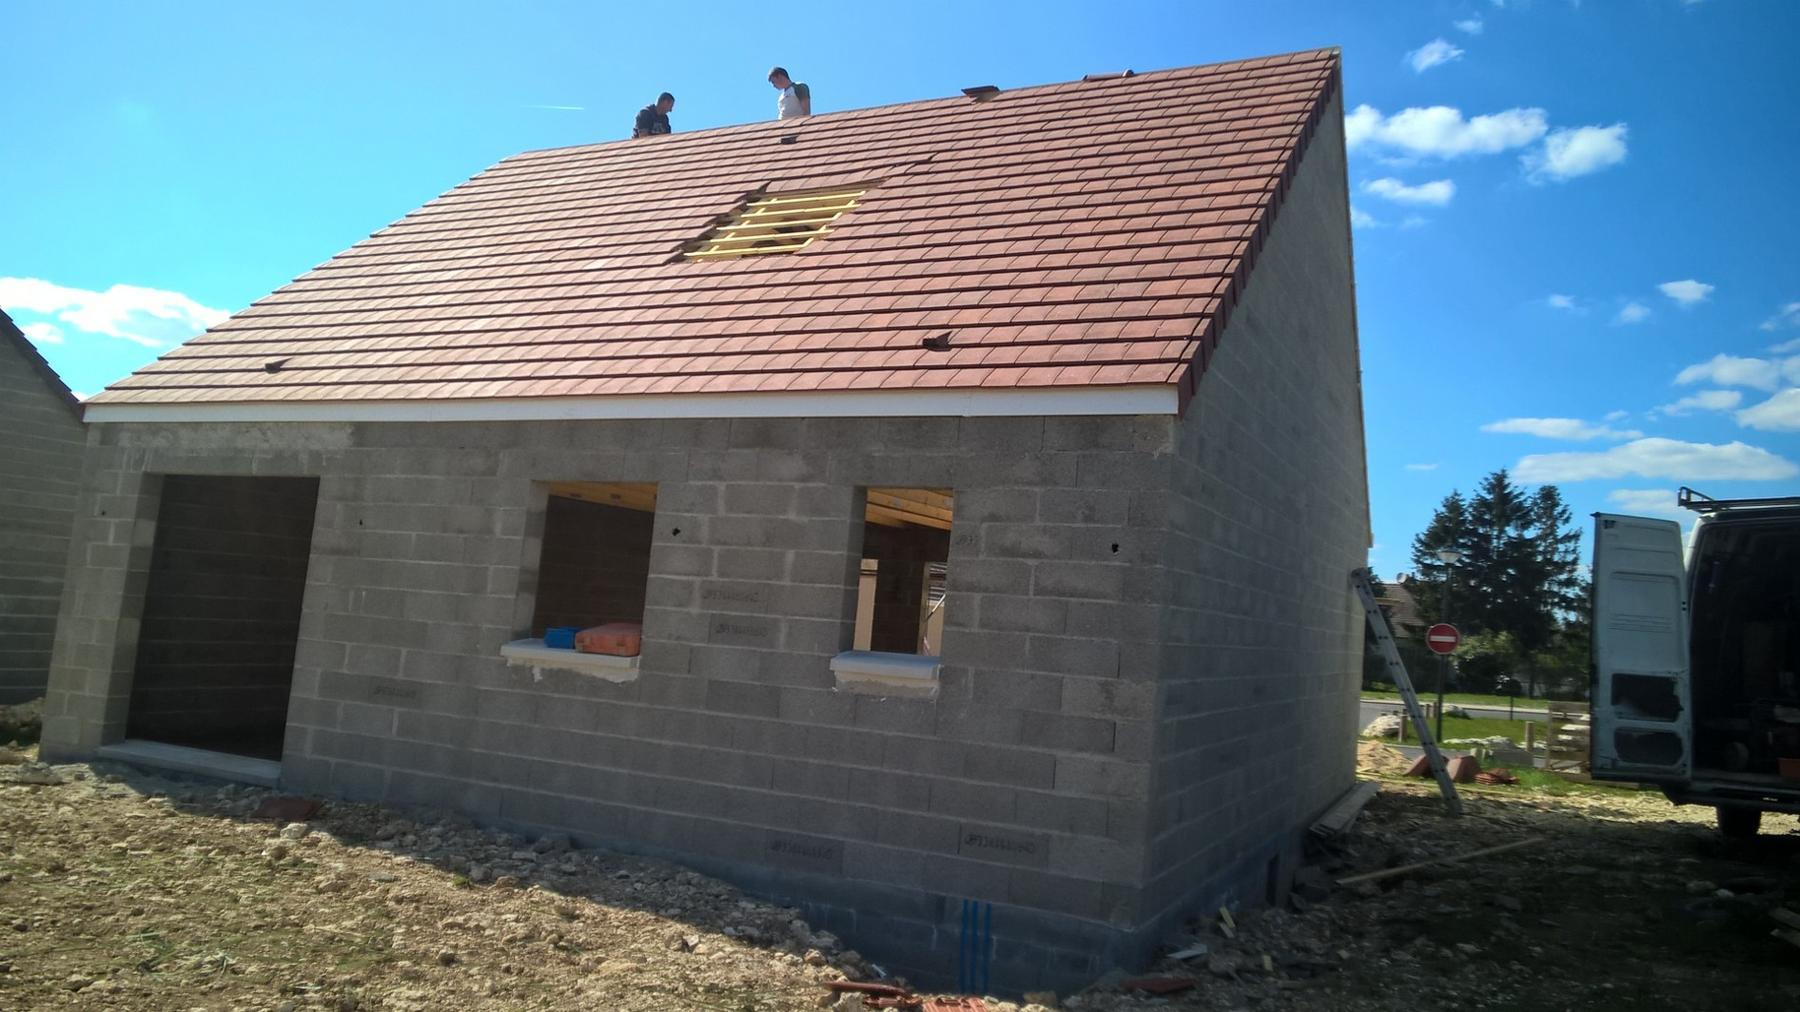 chantier en cours sur averdon construire sa maison pas cher constructeur low cost de qualit. Black Bedroom Furniture Sets. Home Design Ideas